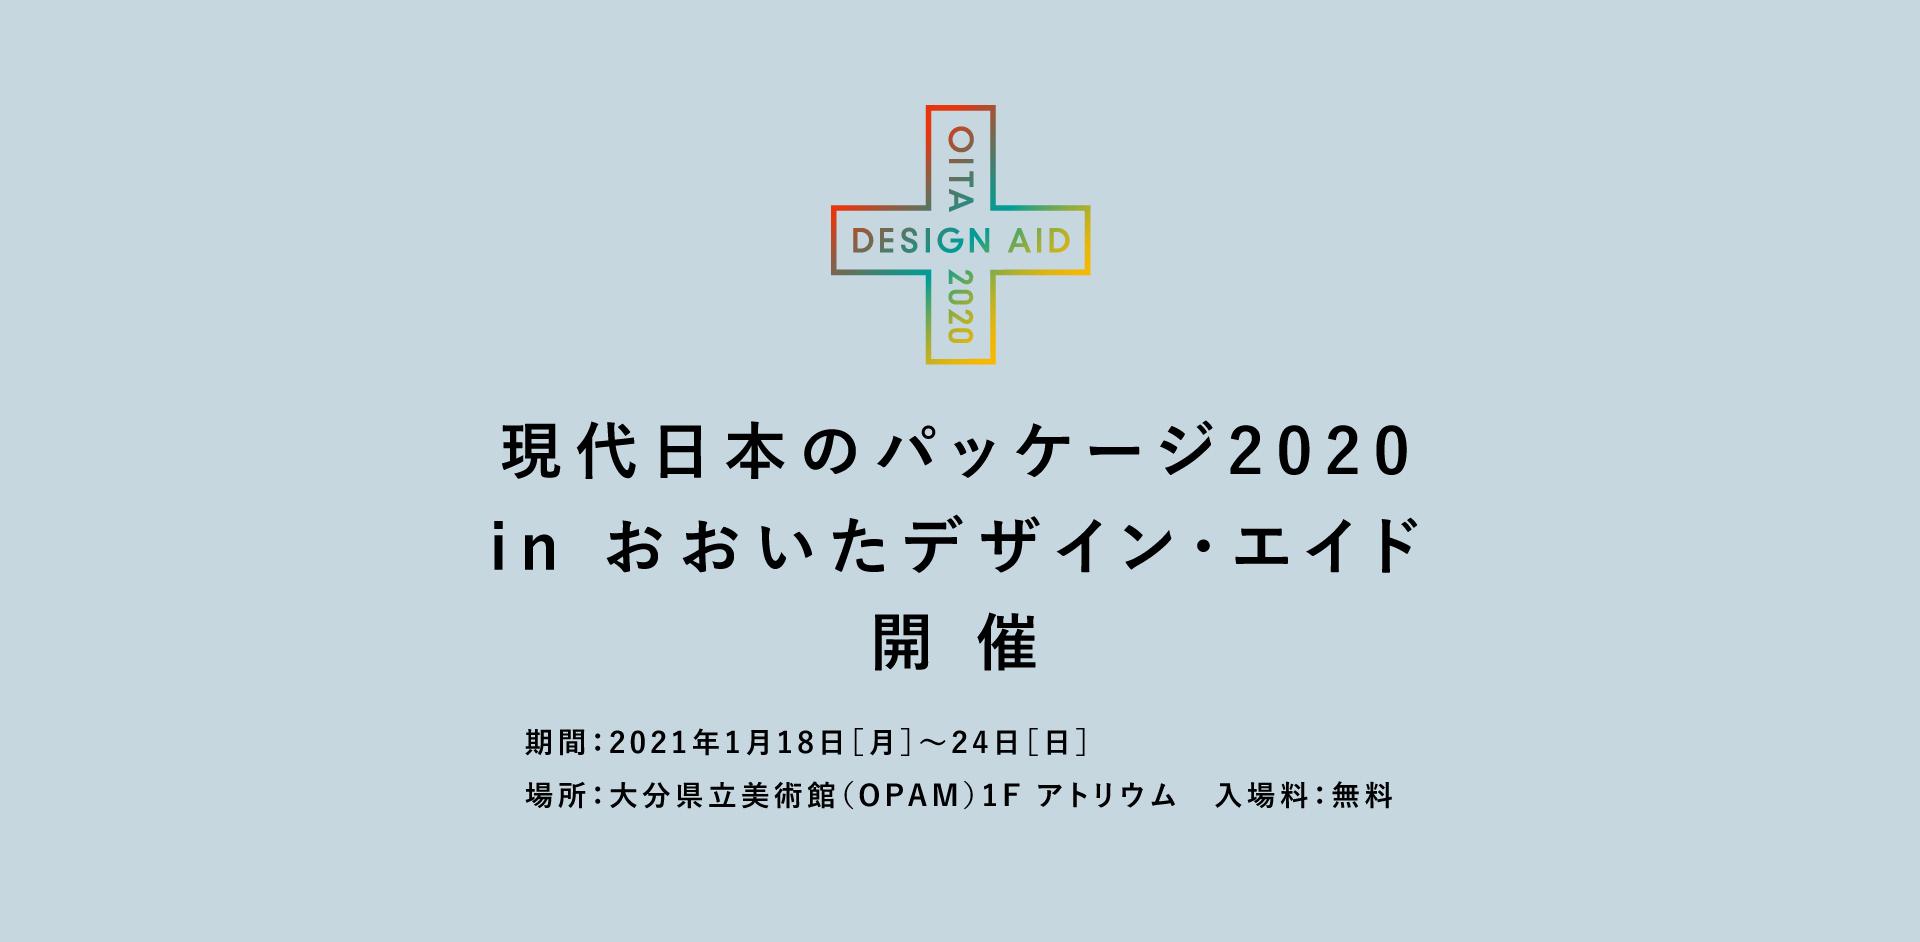 現代日本のパッケージ2020in おおいたデザイン・エイド開 催 「おおいたデザイン・エイド2020」パッケージデザインコンテスト表彰式